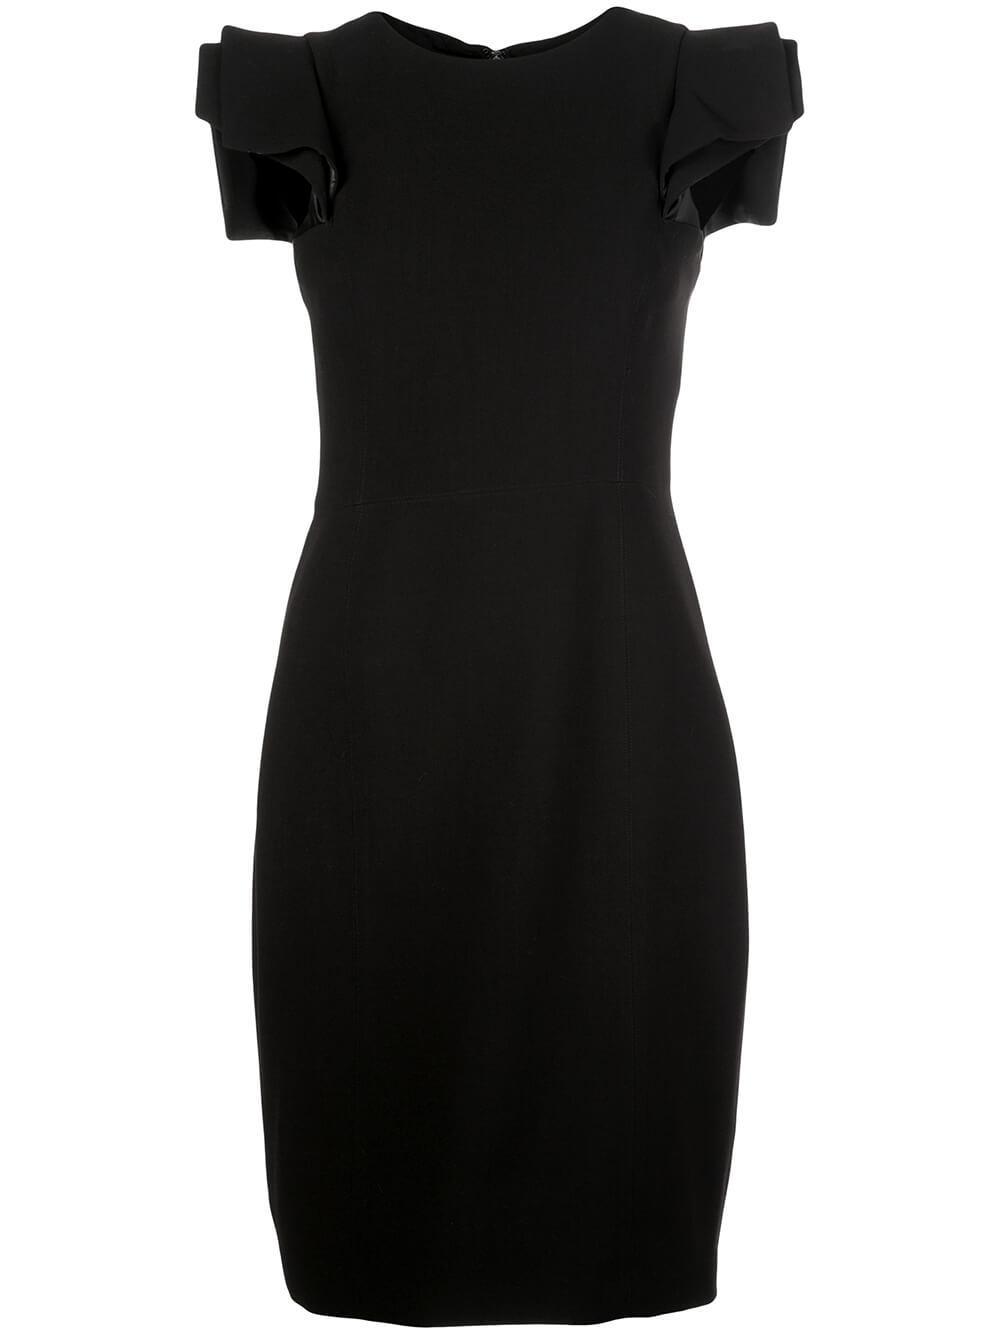 Slim Fit Layered Shoulder Dress Item # 2011015